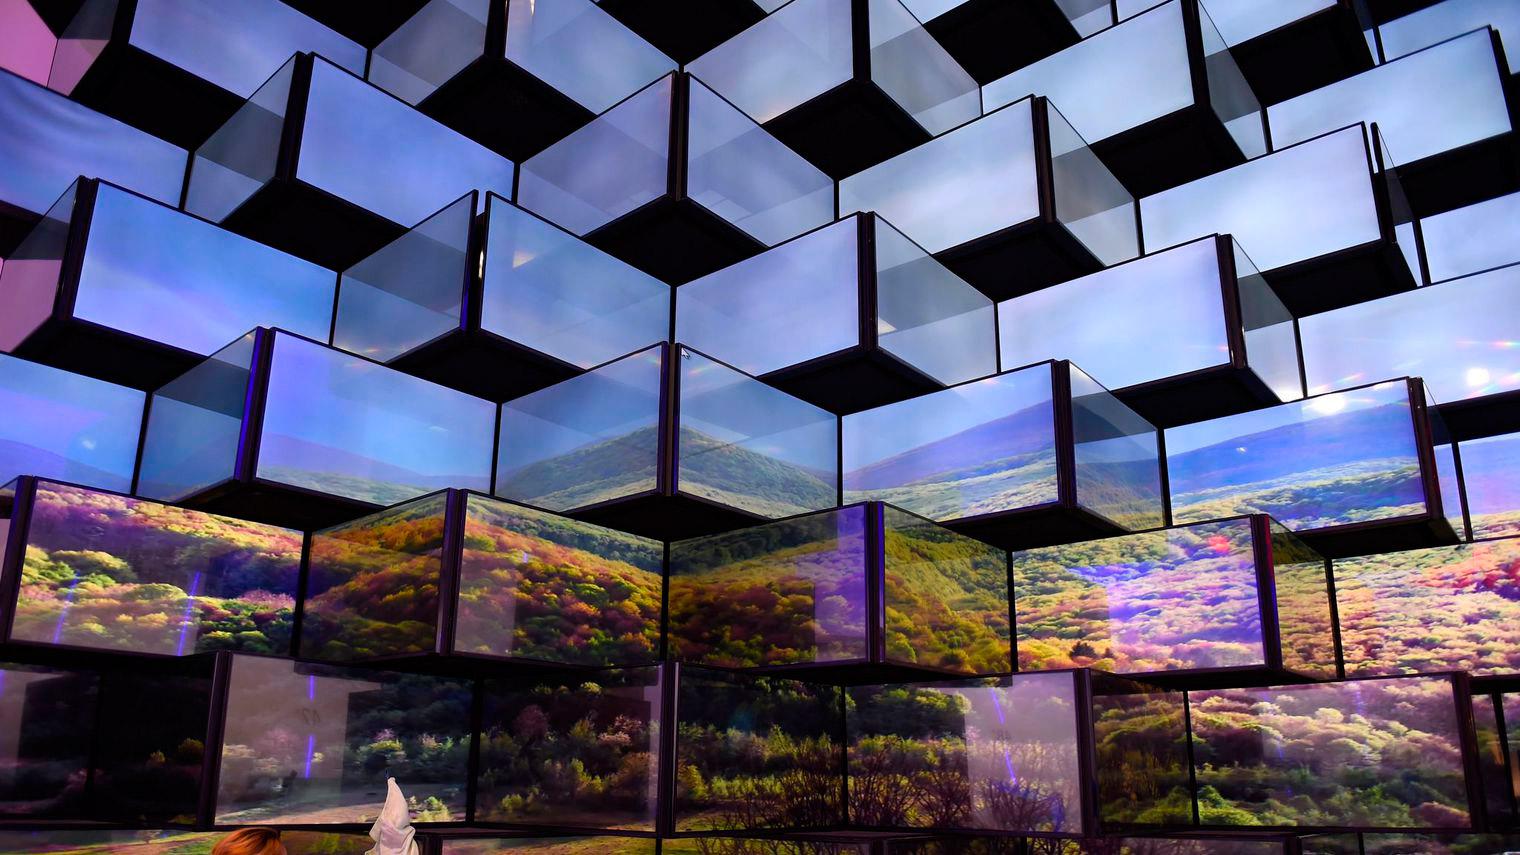 2015 : Le multi-écrans se généralise et influence les pratiques des internautes